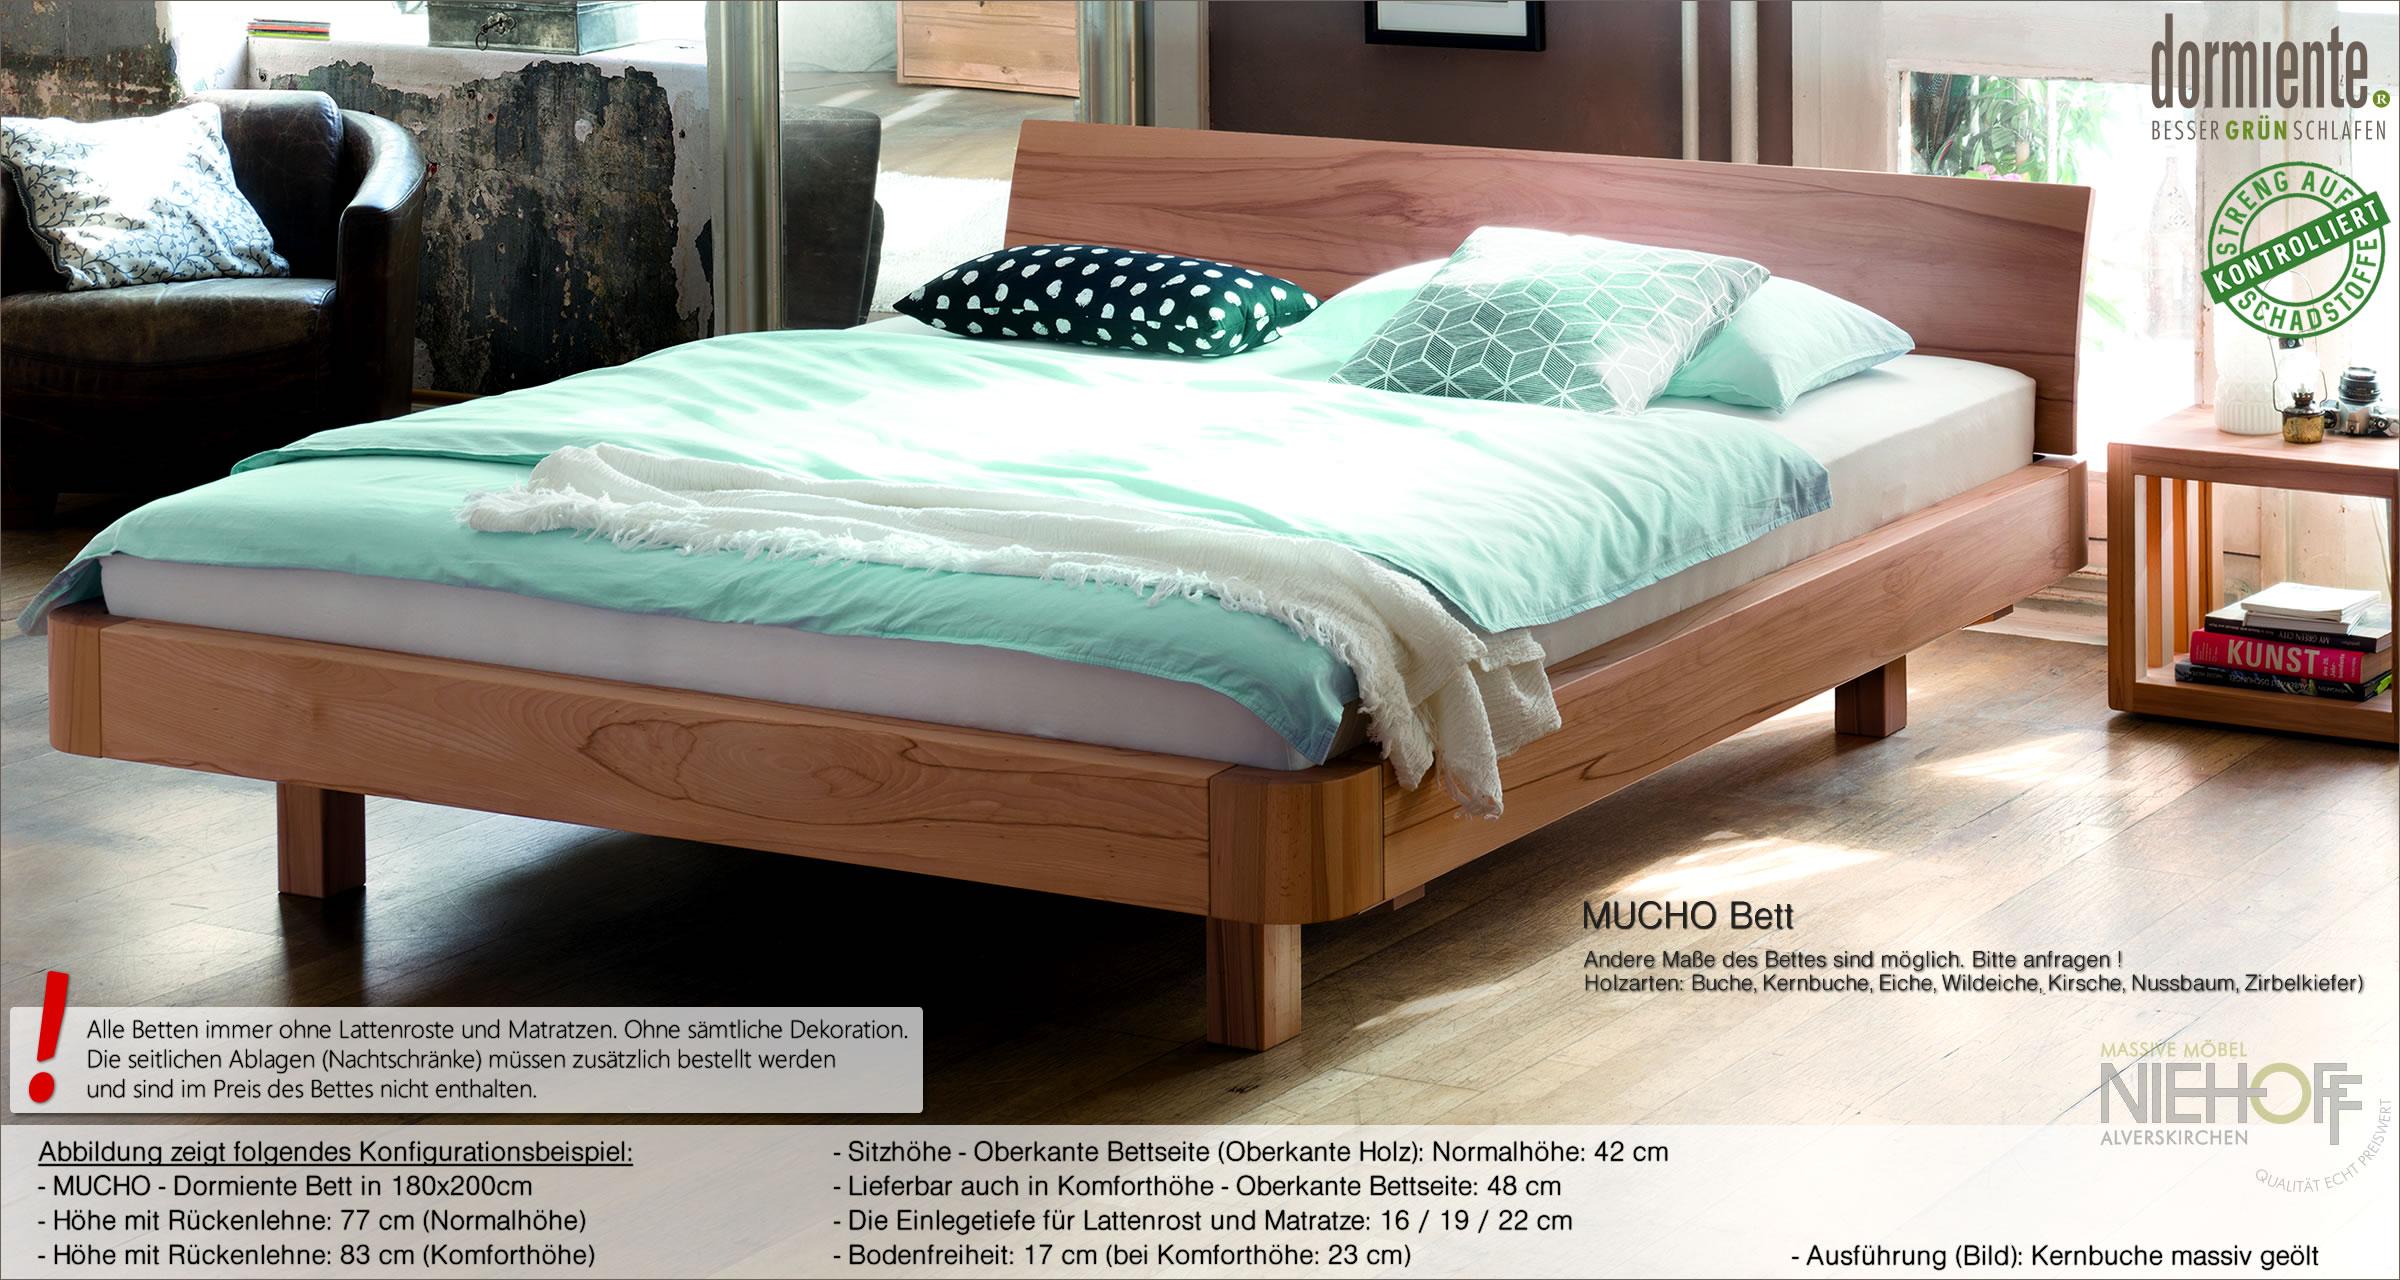 Full Size of Betten Massivholz Mucho Bett Von Dormiente Stabiles Doppelbett Musterring Ebay Mannheim Für Teenager 120x200 Mit Schubladen Schlafzimmer Komplett Ausgefallene Bett Betten Massivholz